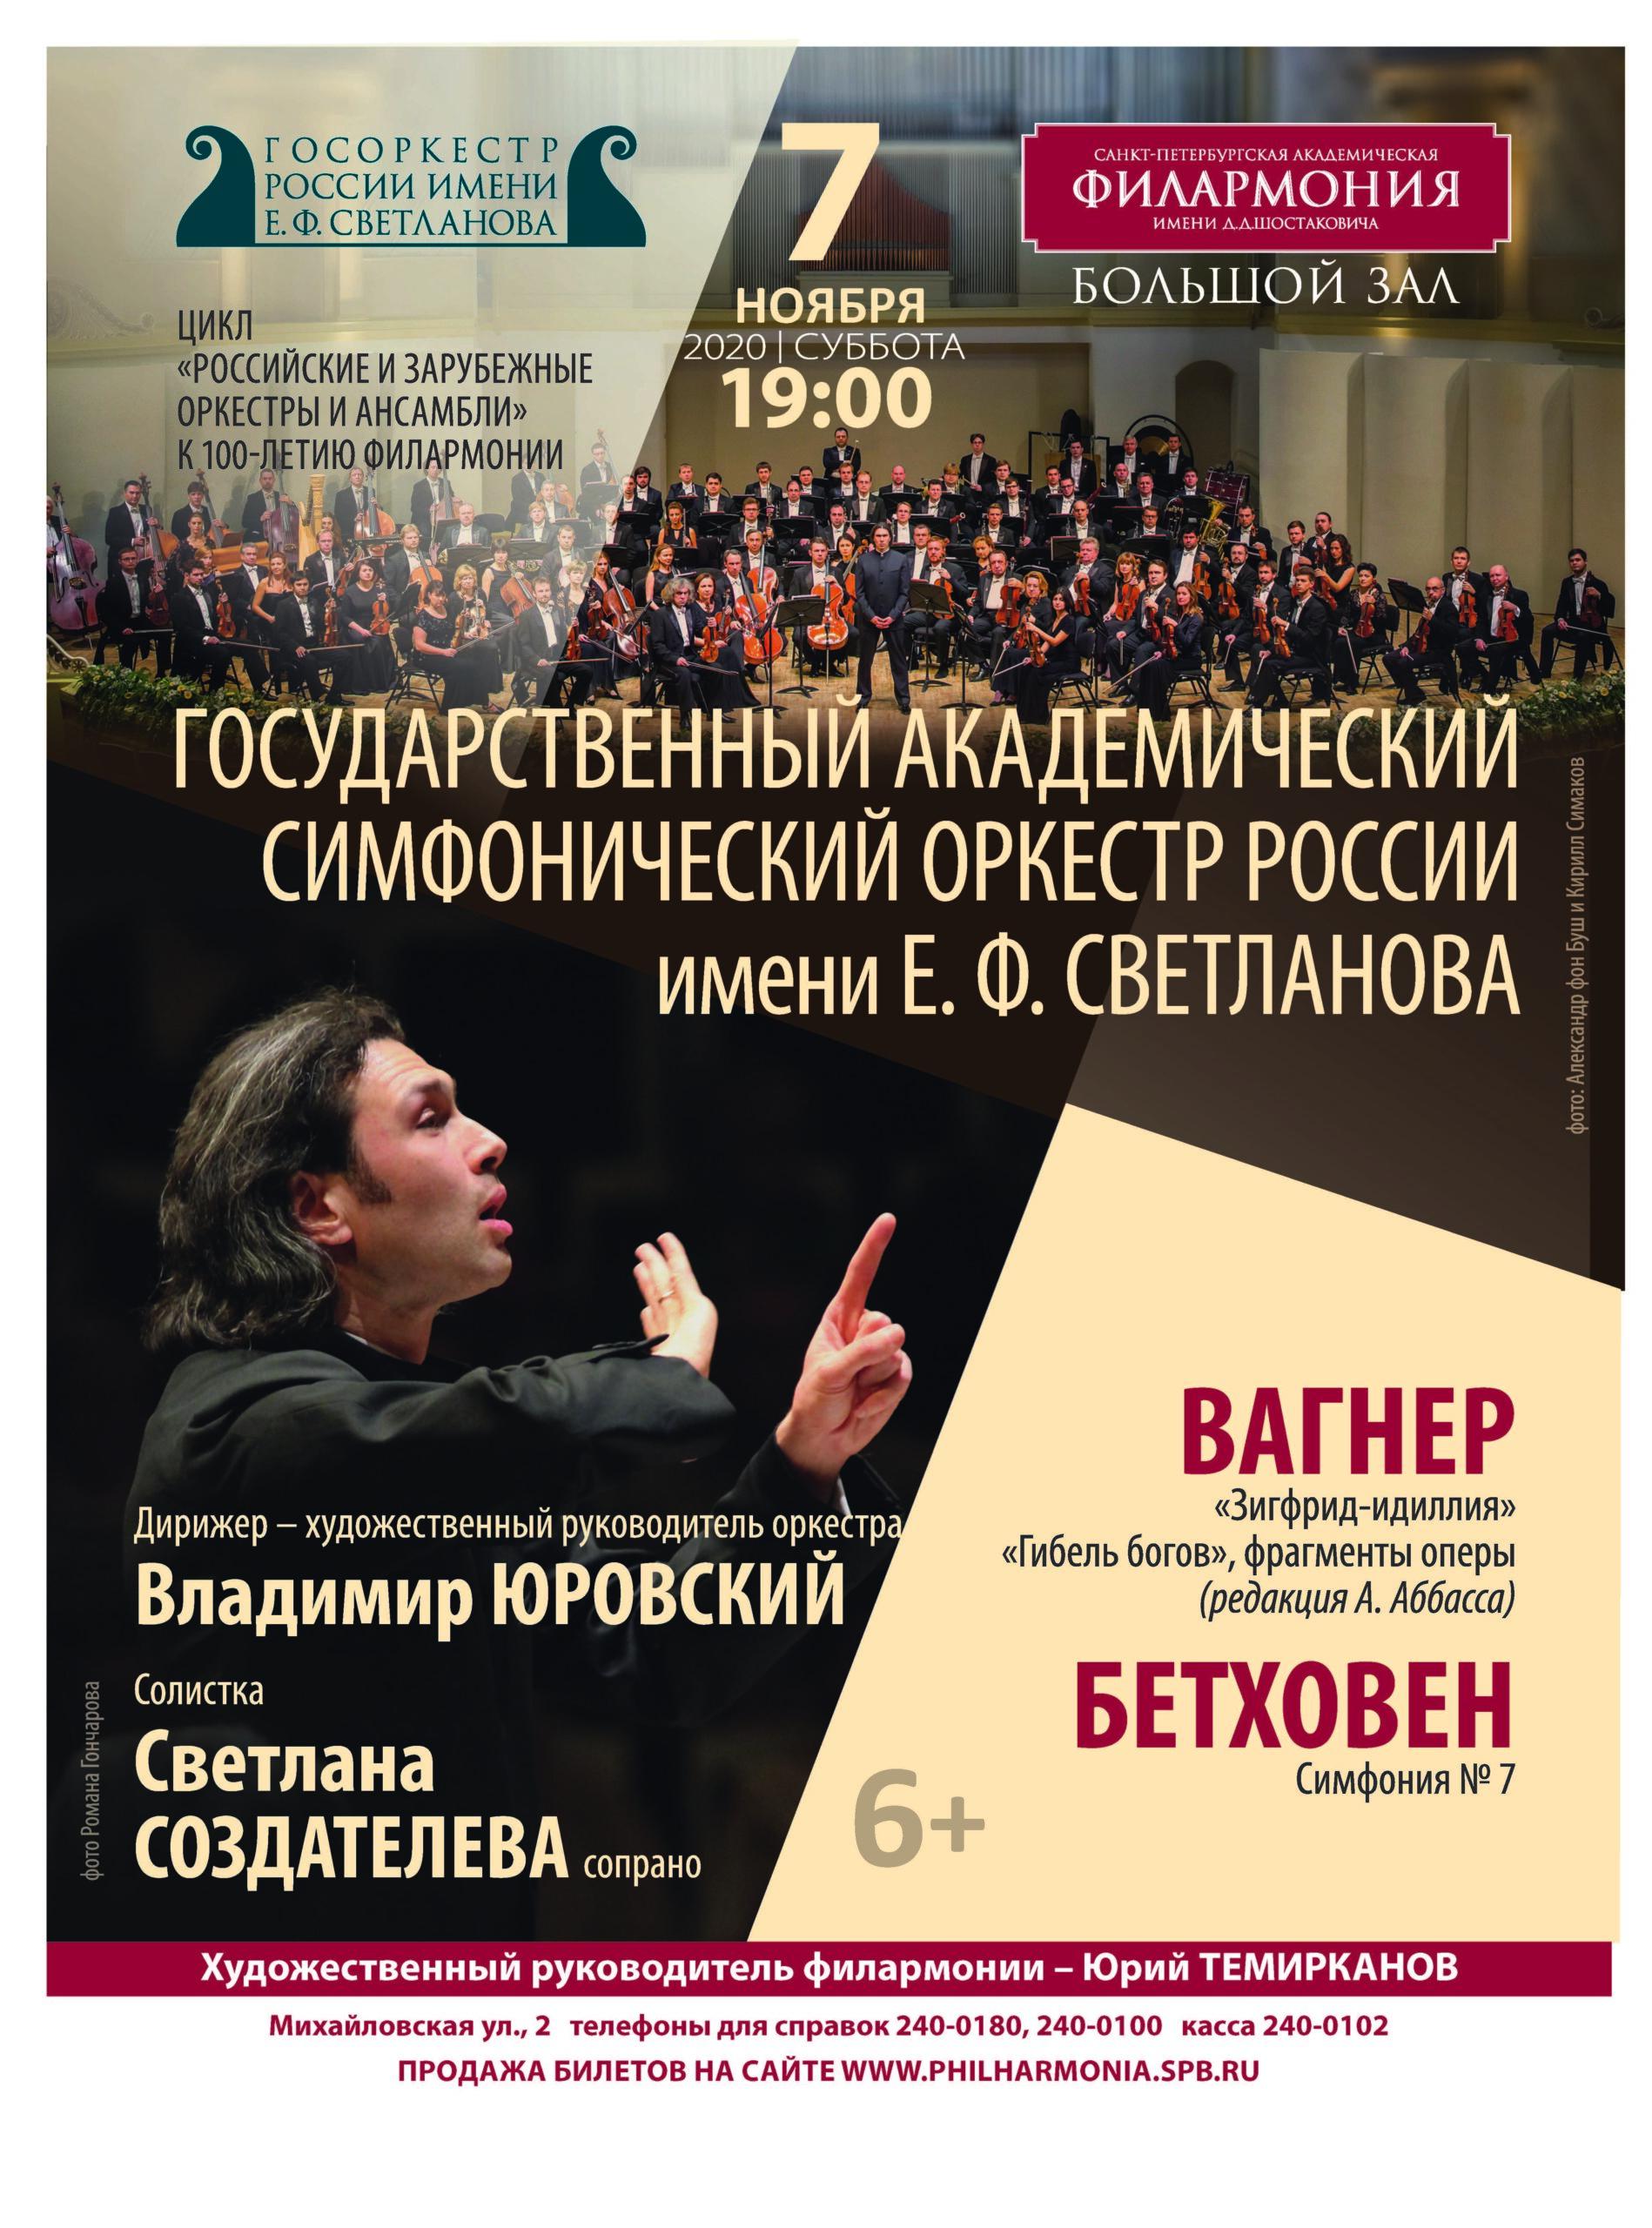 Владимир Юровский и ГАСО имени Светланова выступят в Санкт-Петербурге